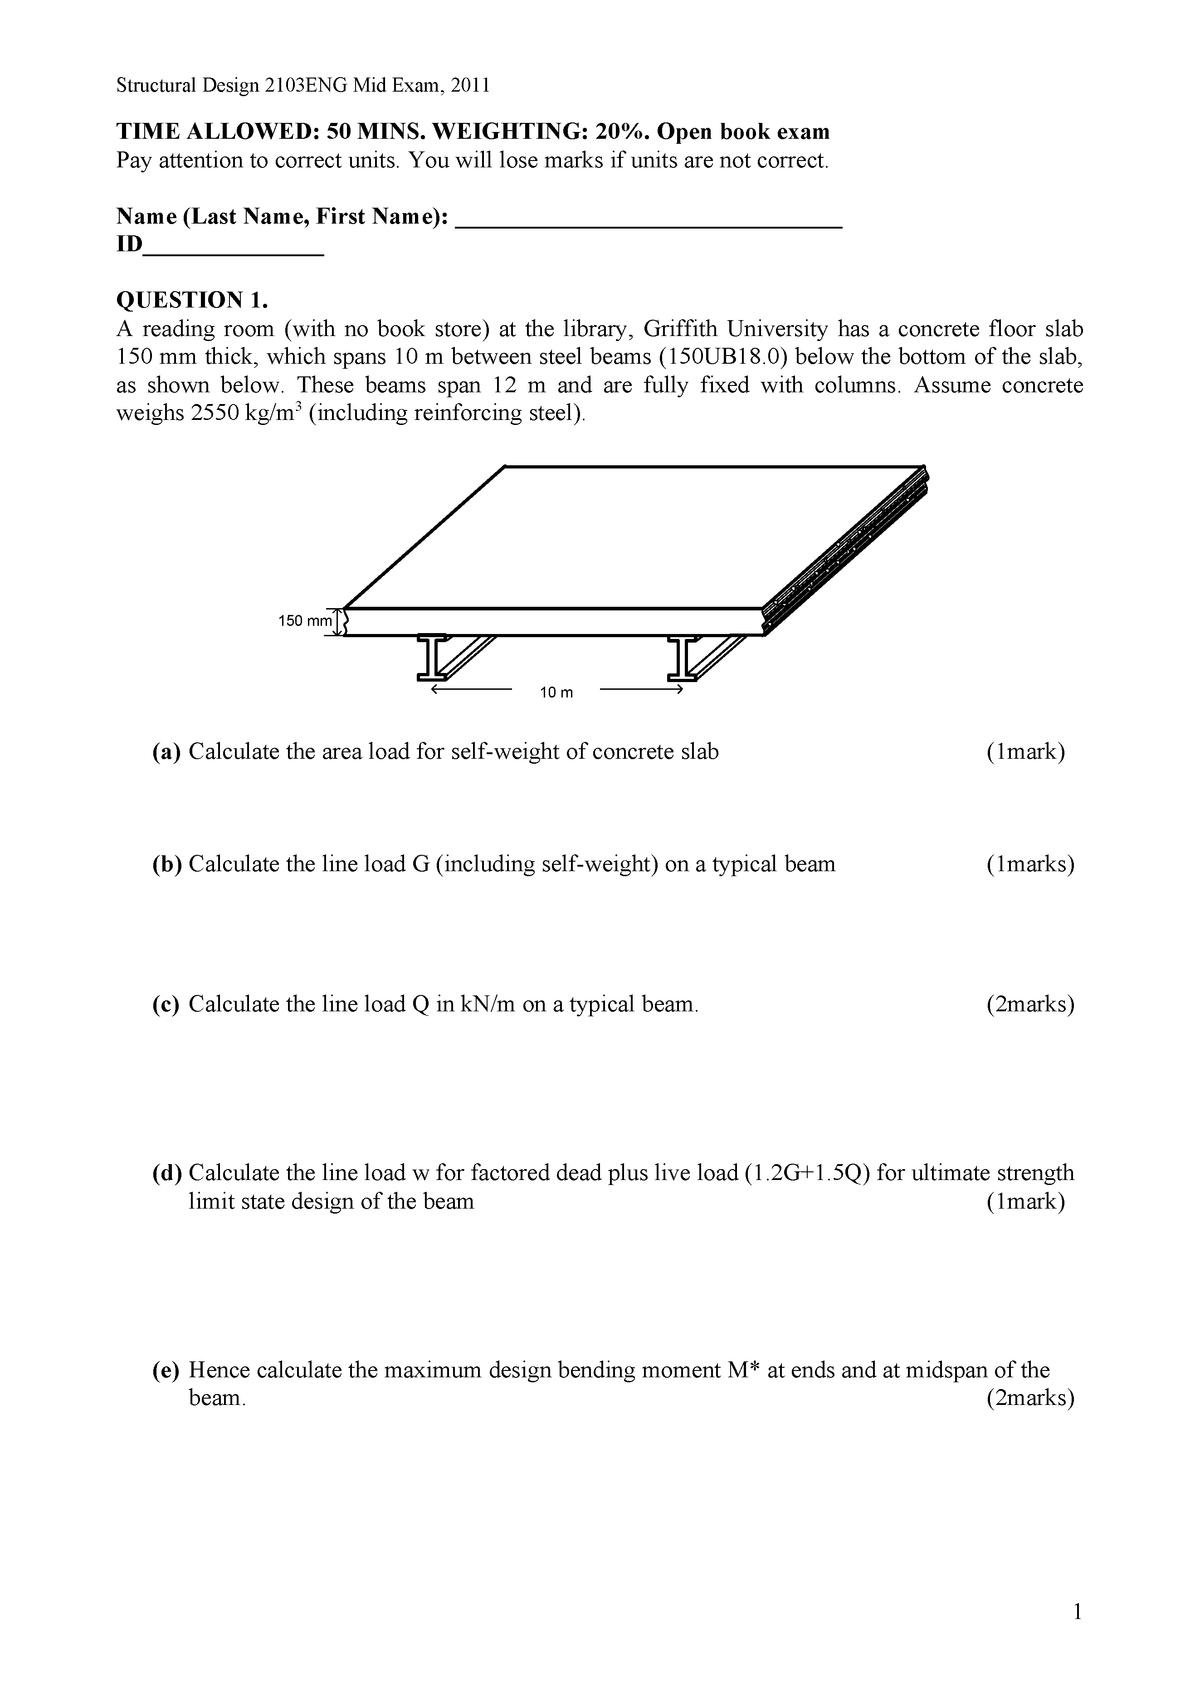 Exam 2011 - 2103ENG: Structural Design - StuDocu